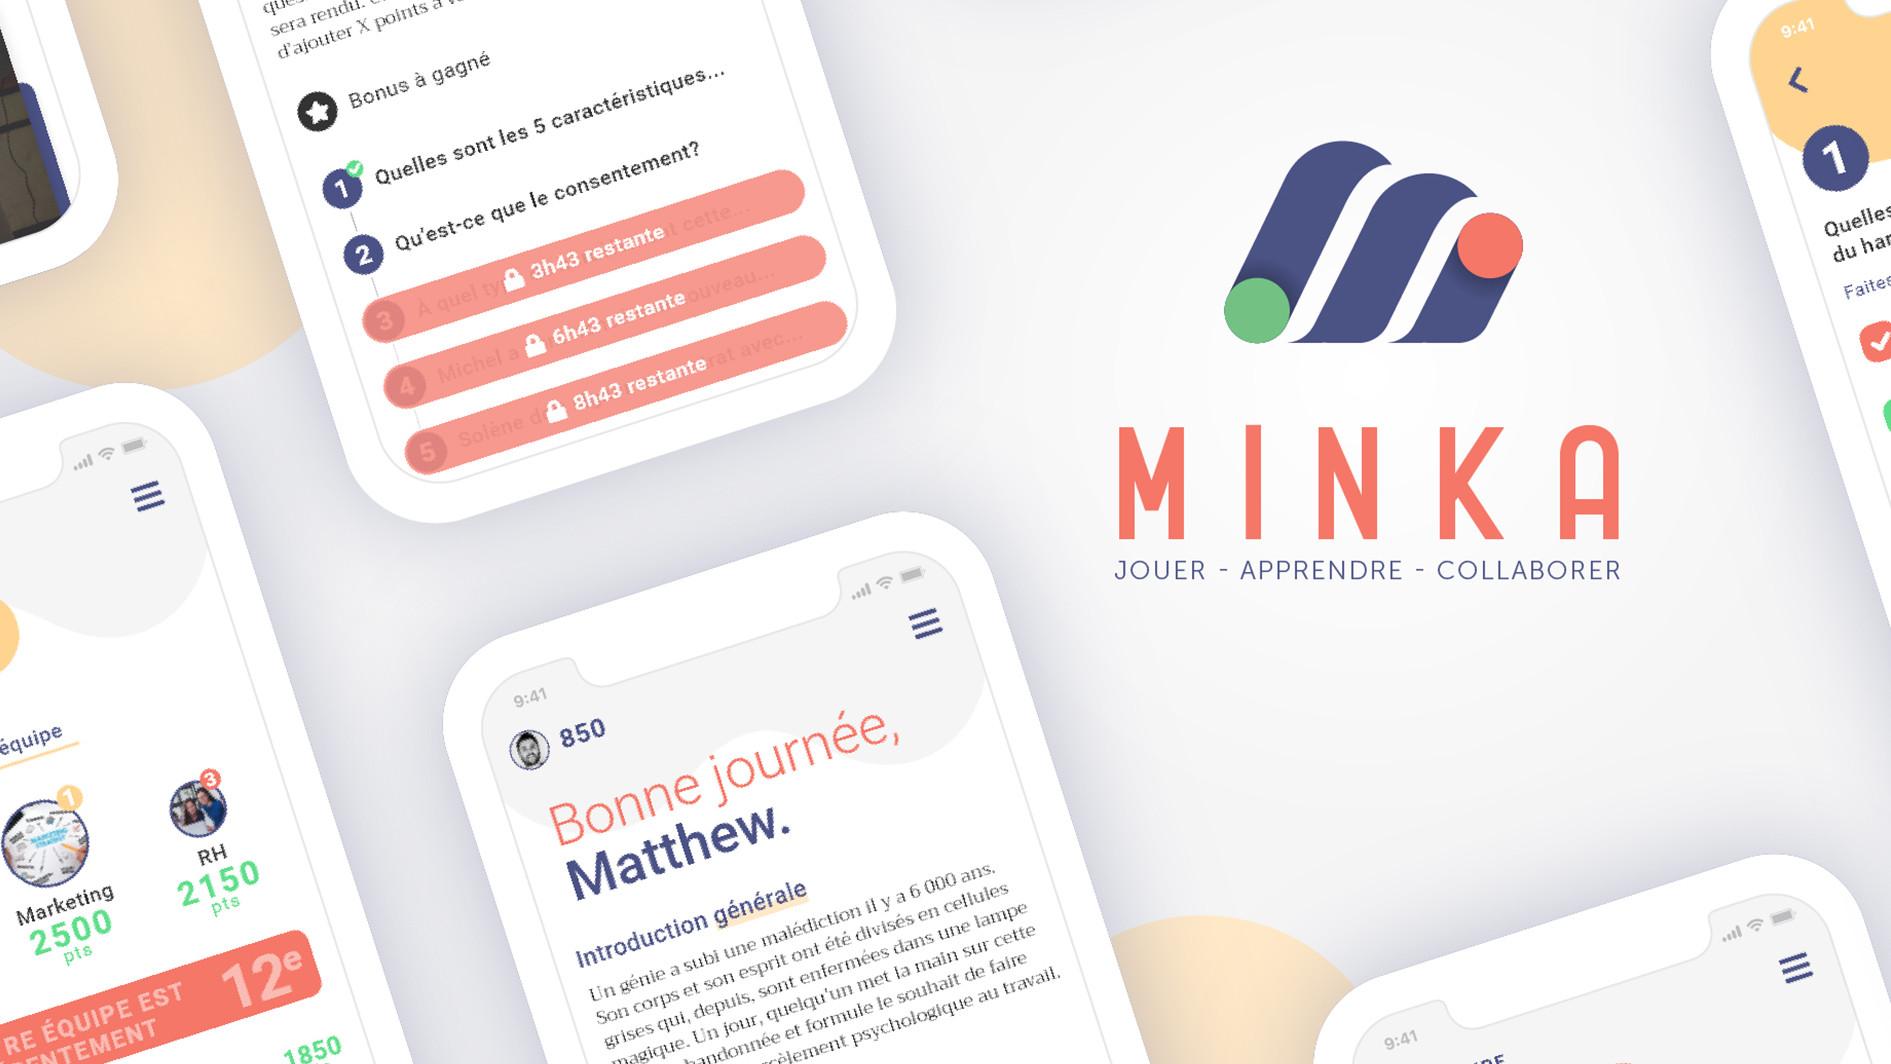 Minka, plateforme de jeu sérieux